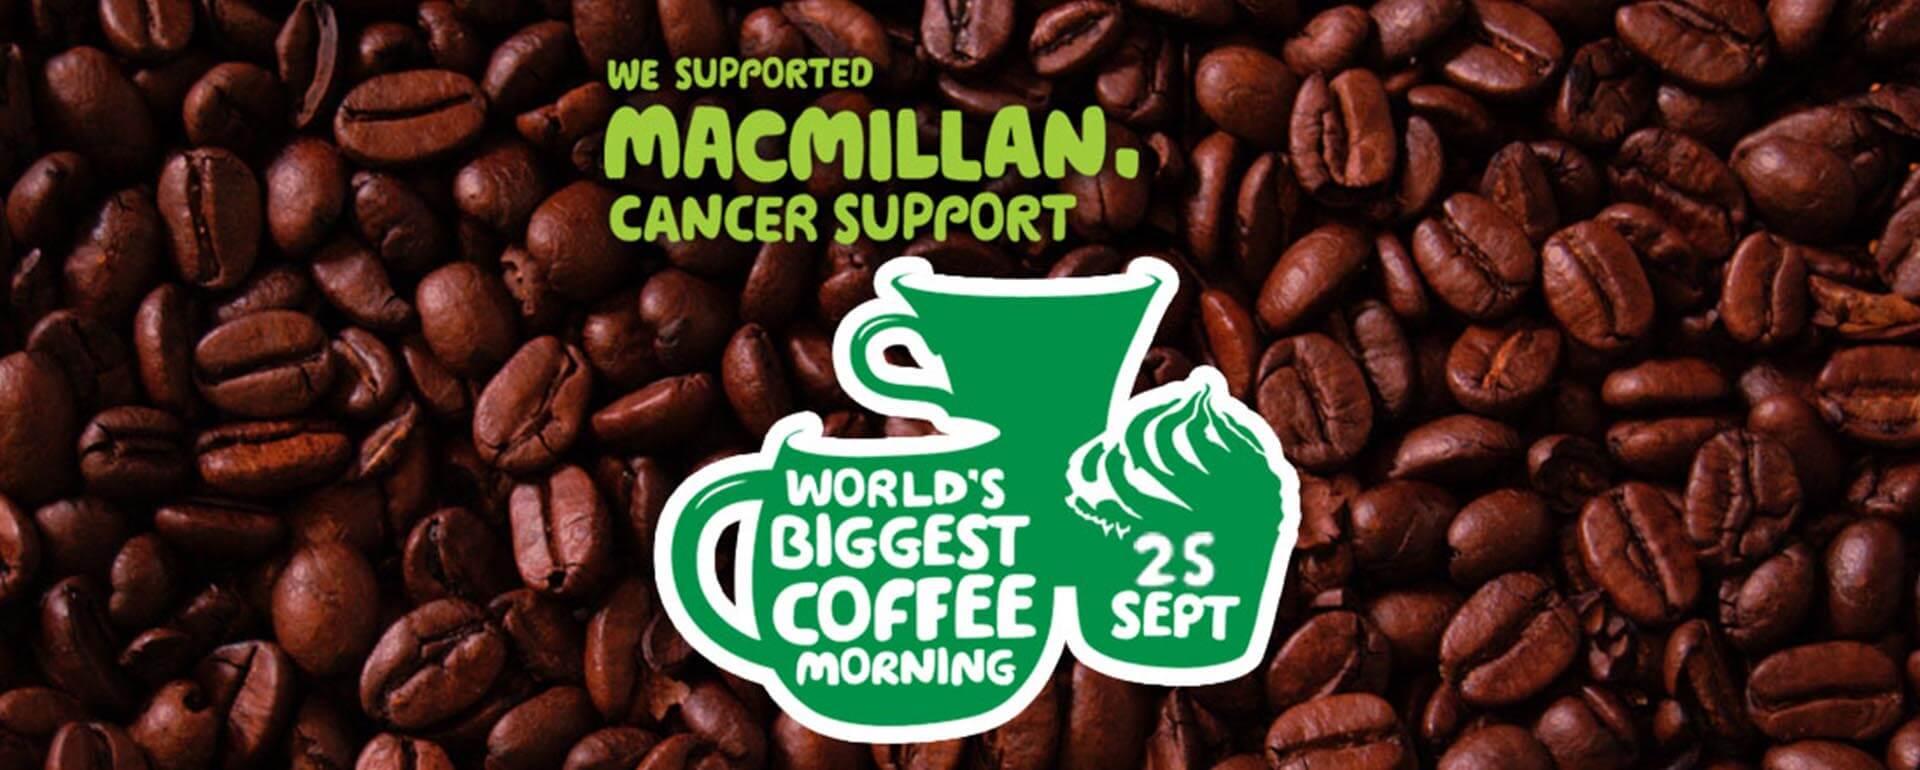 MacMillan Coffee Morning 2015